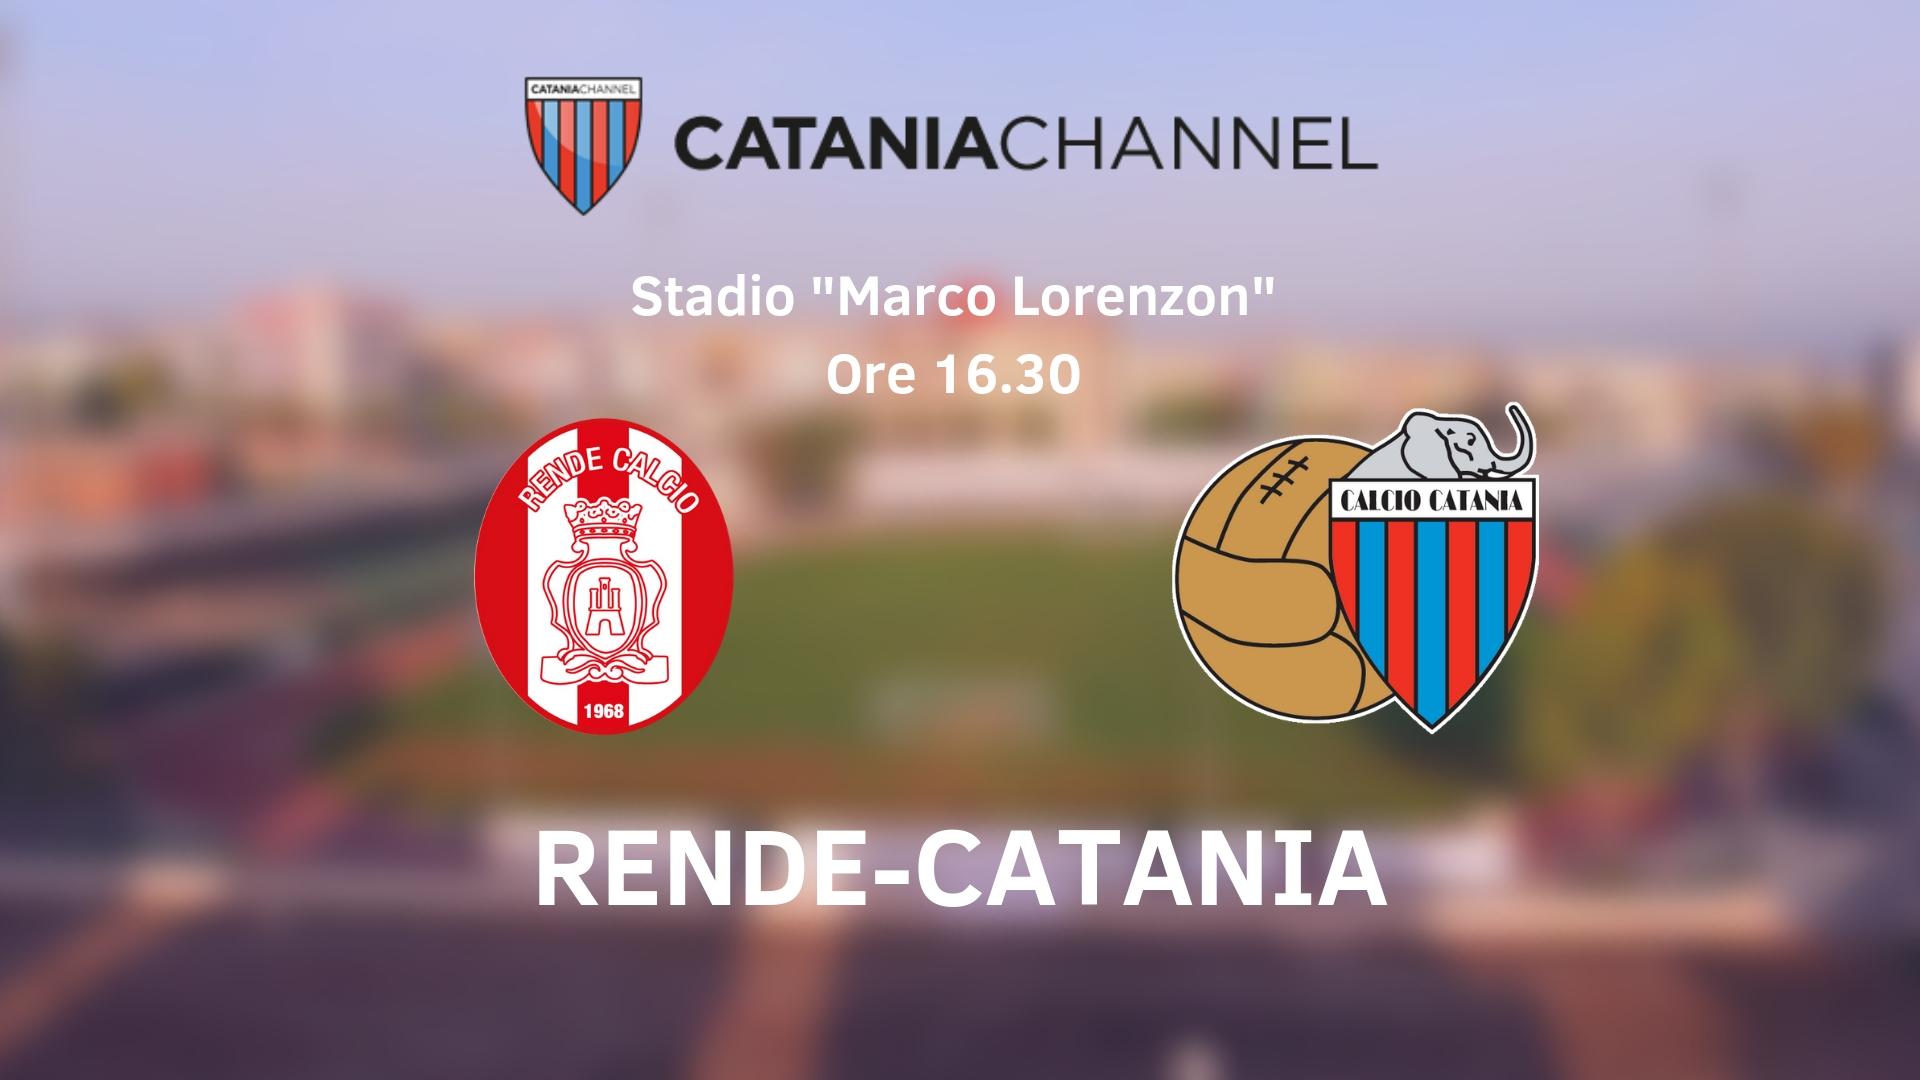 Rende-Catania